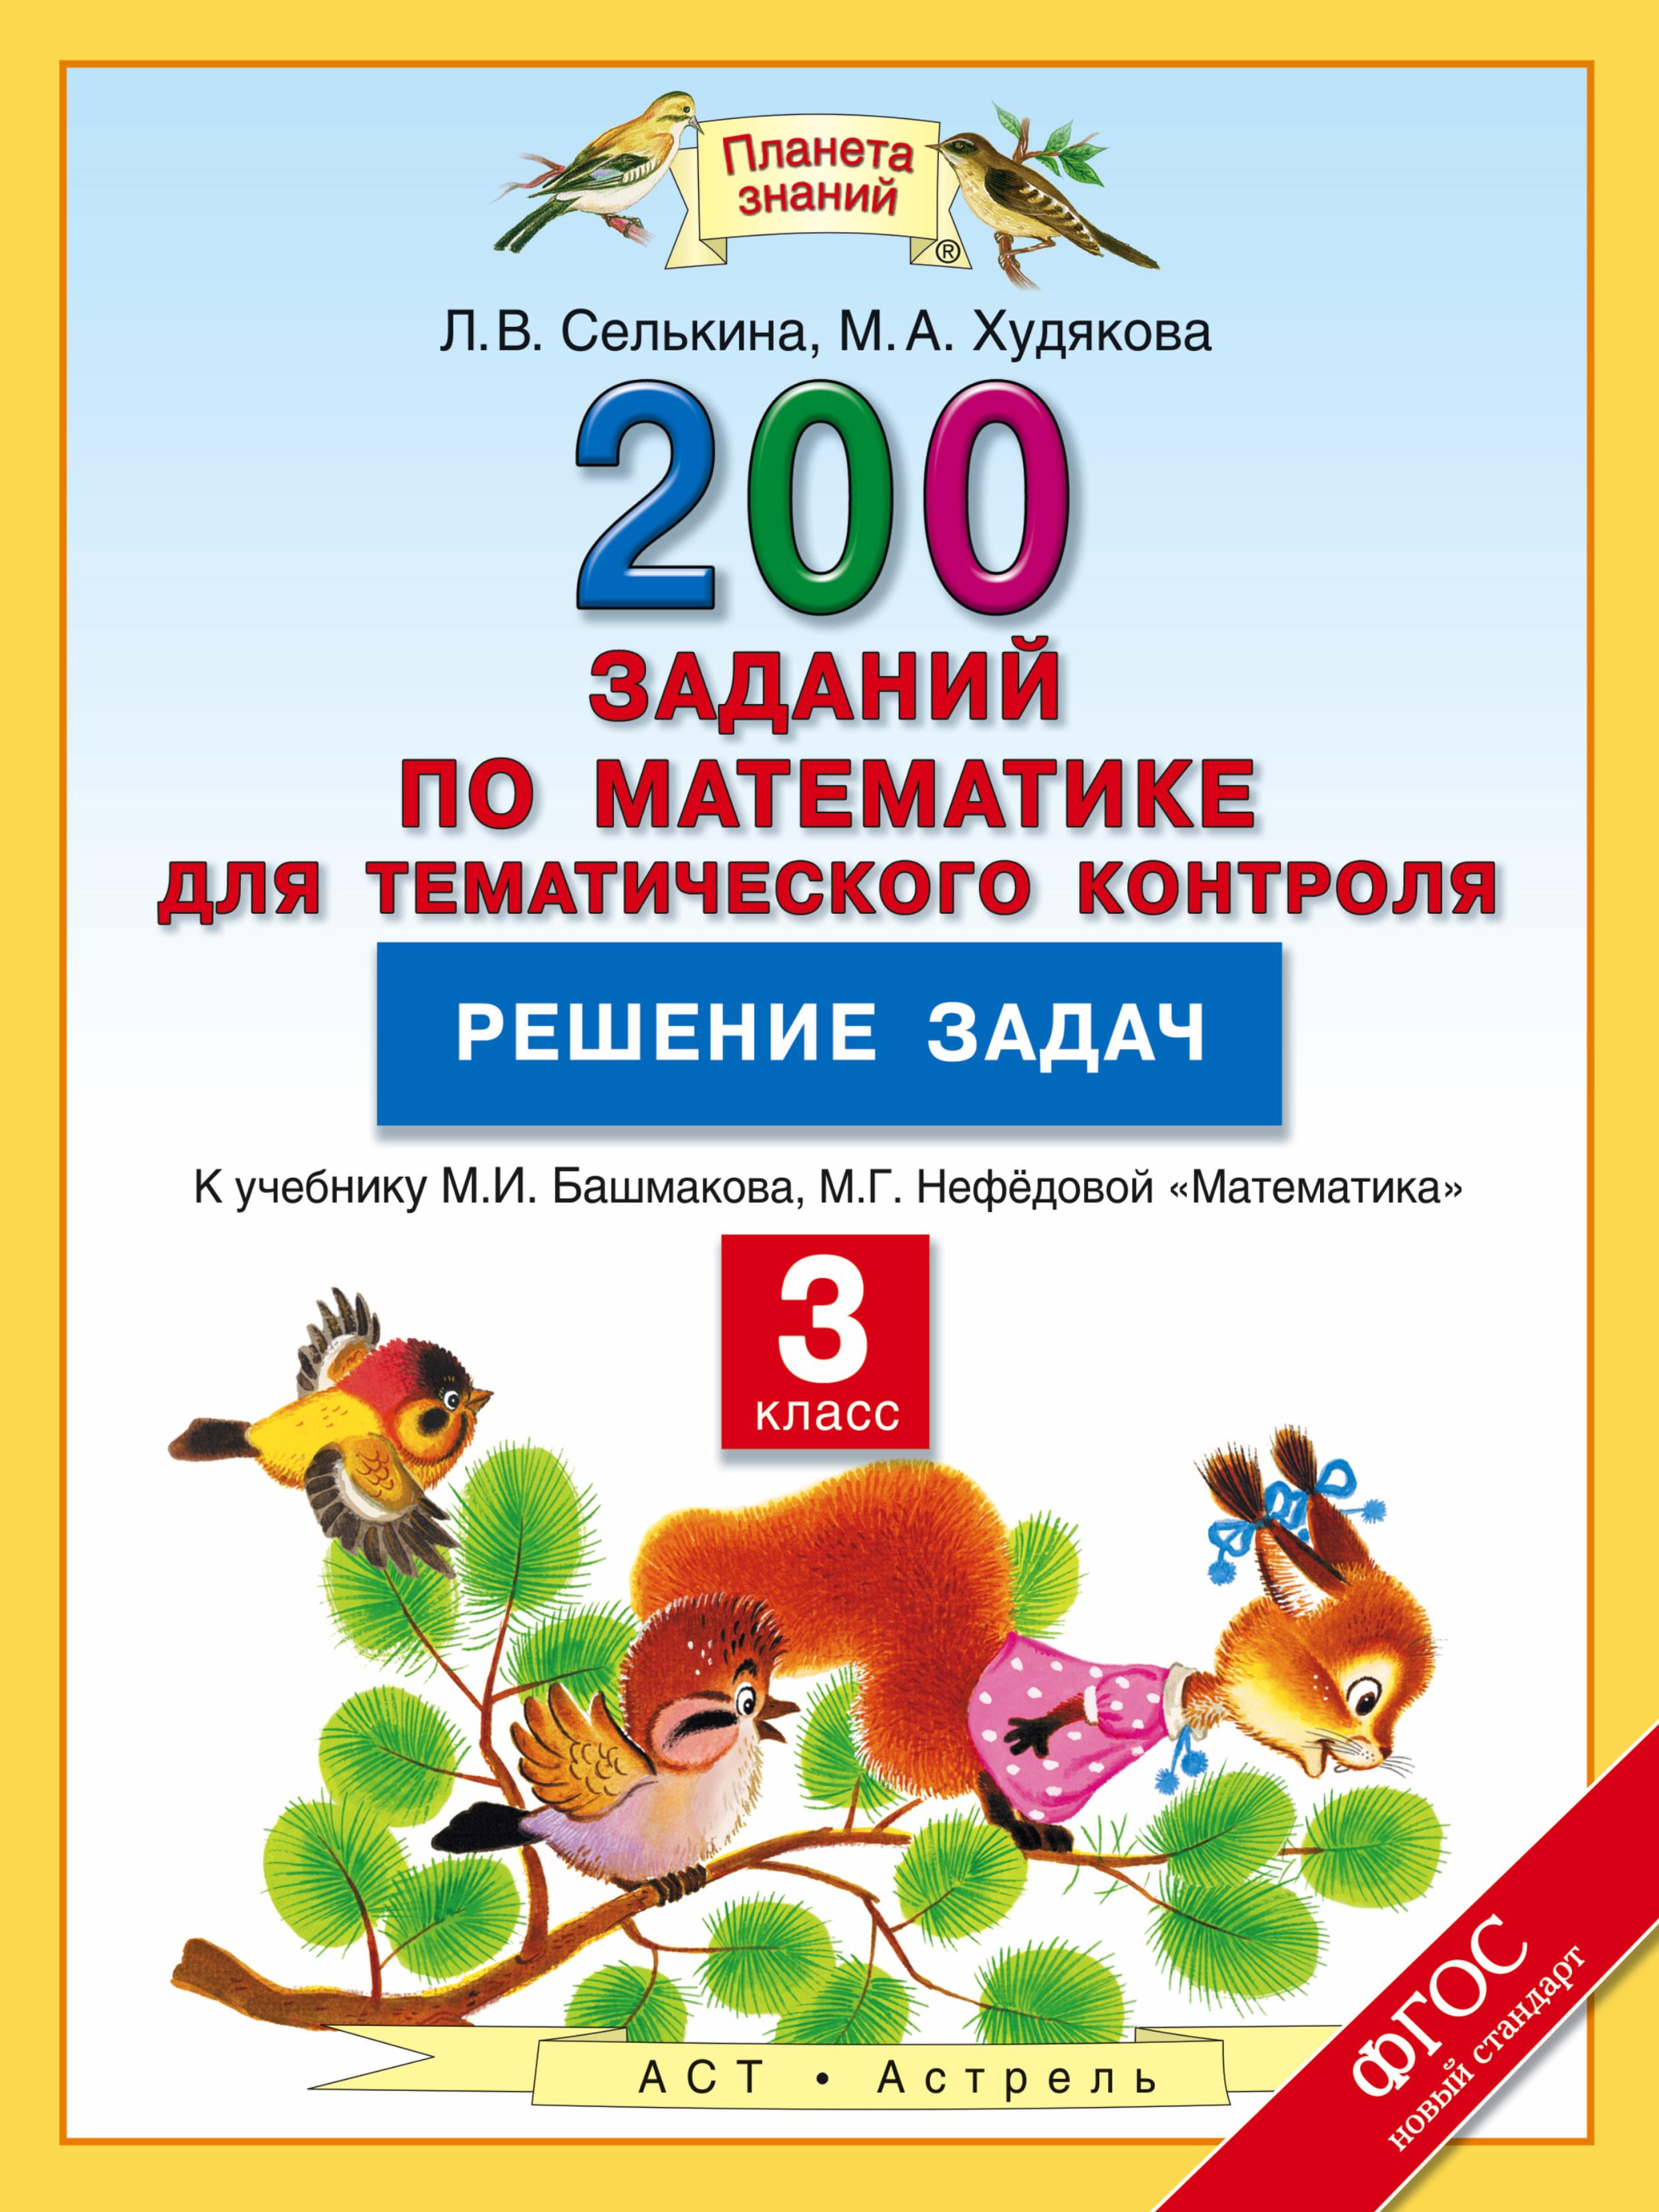 Математика. 3 класс. 200 заданий по математике для тематического контроля. Решение задач.